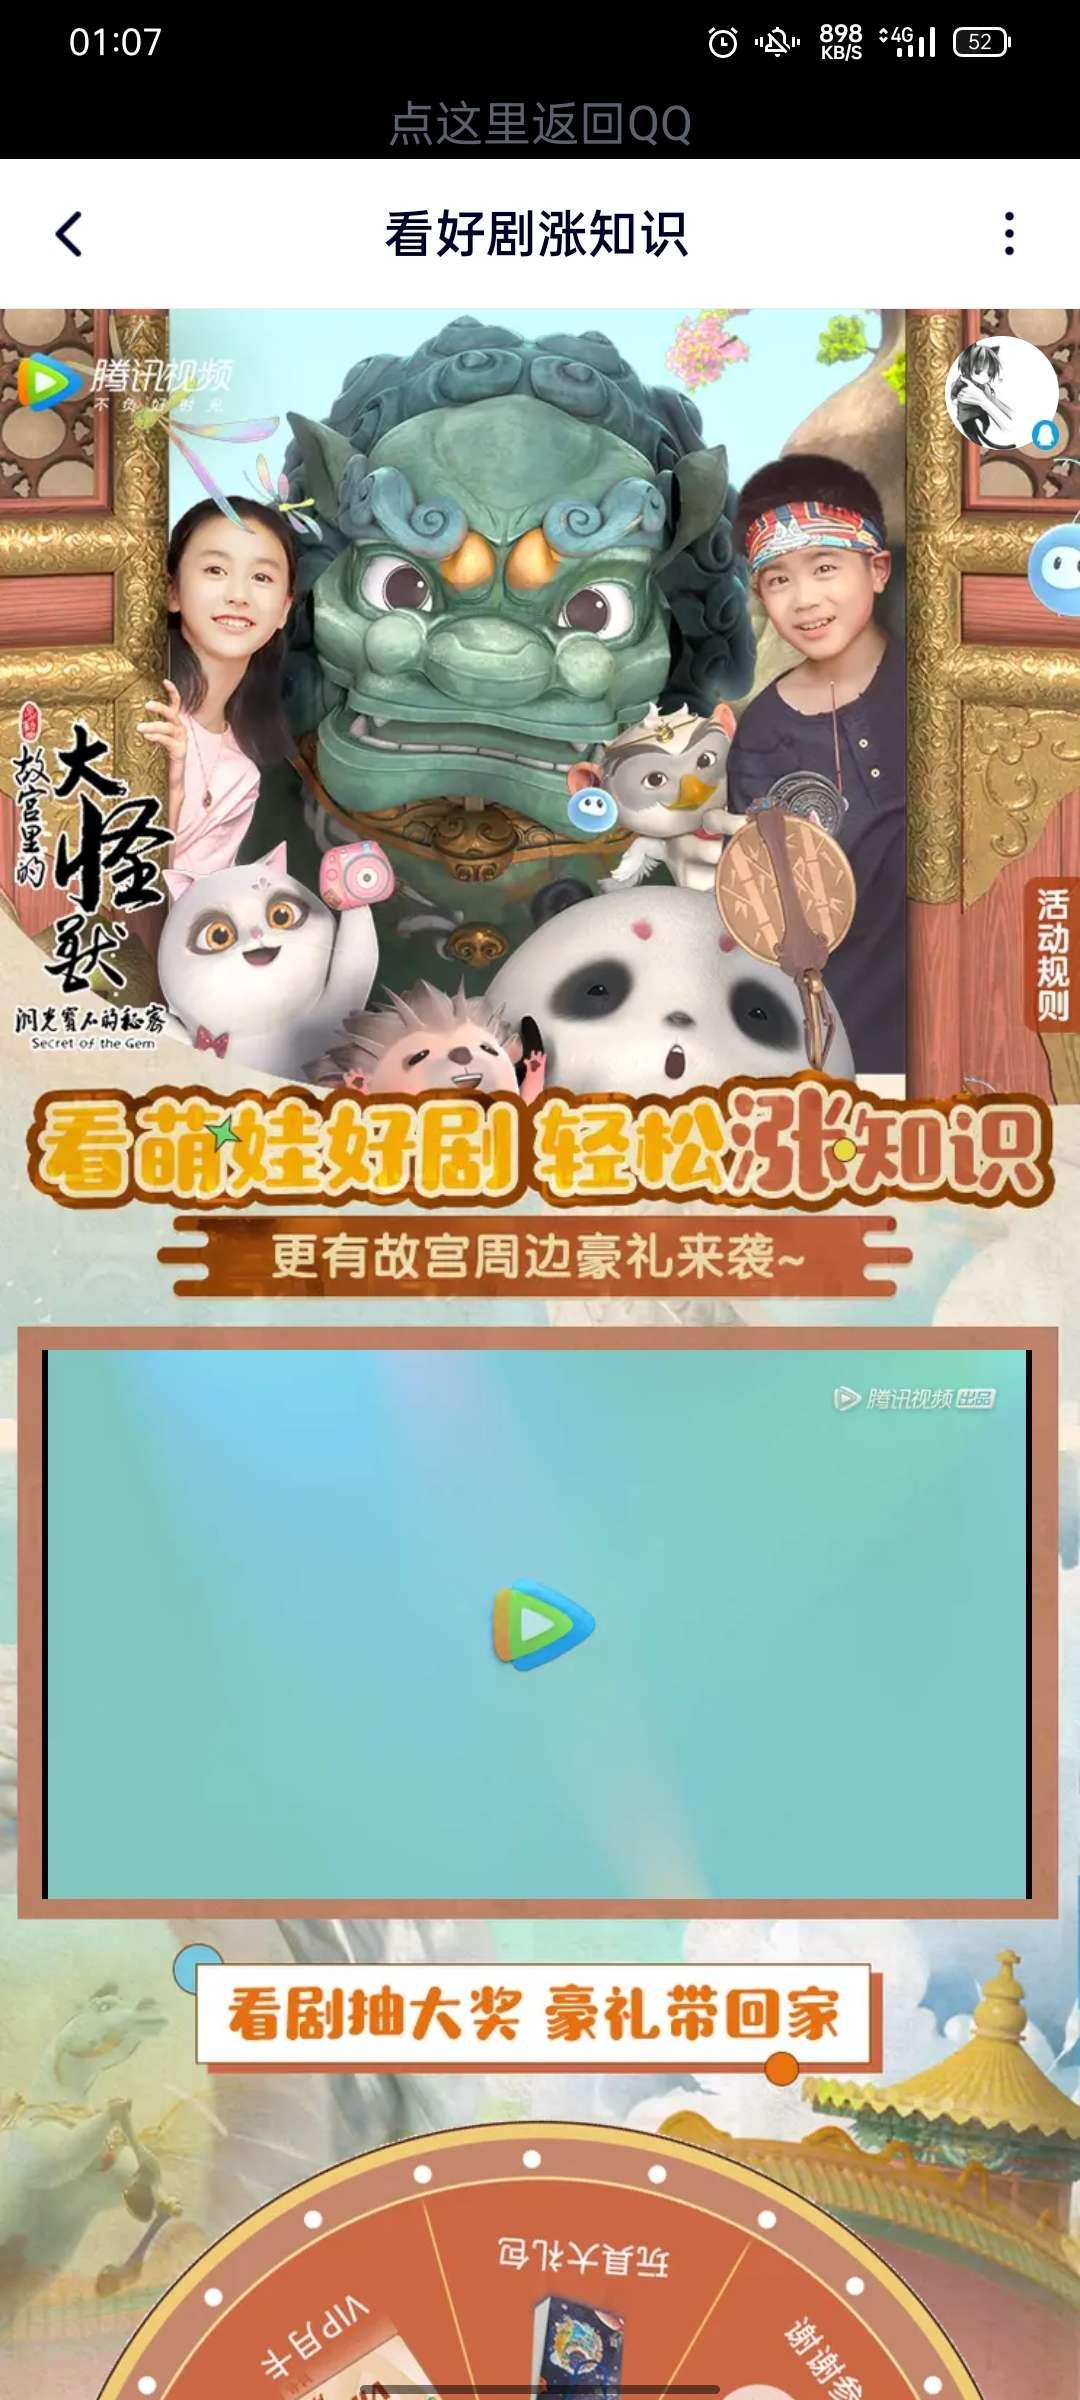 【虚拟物品】腾讯视频完成任务抽腾讯视频会员